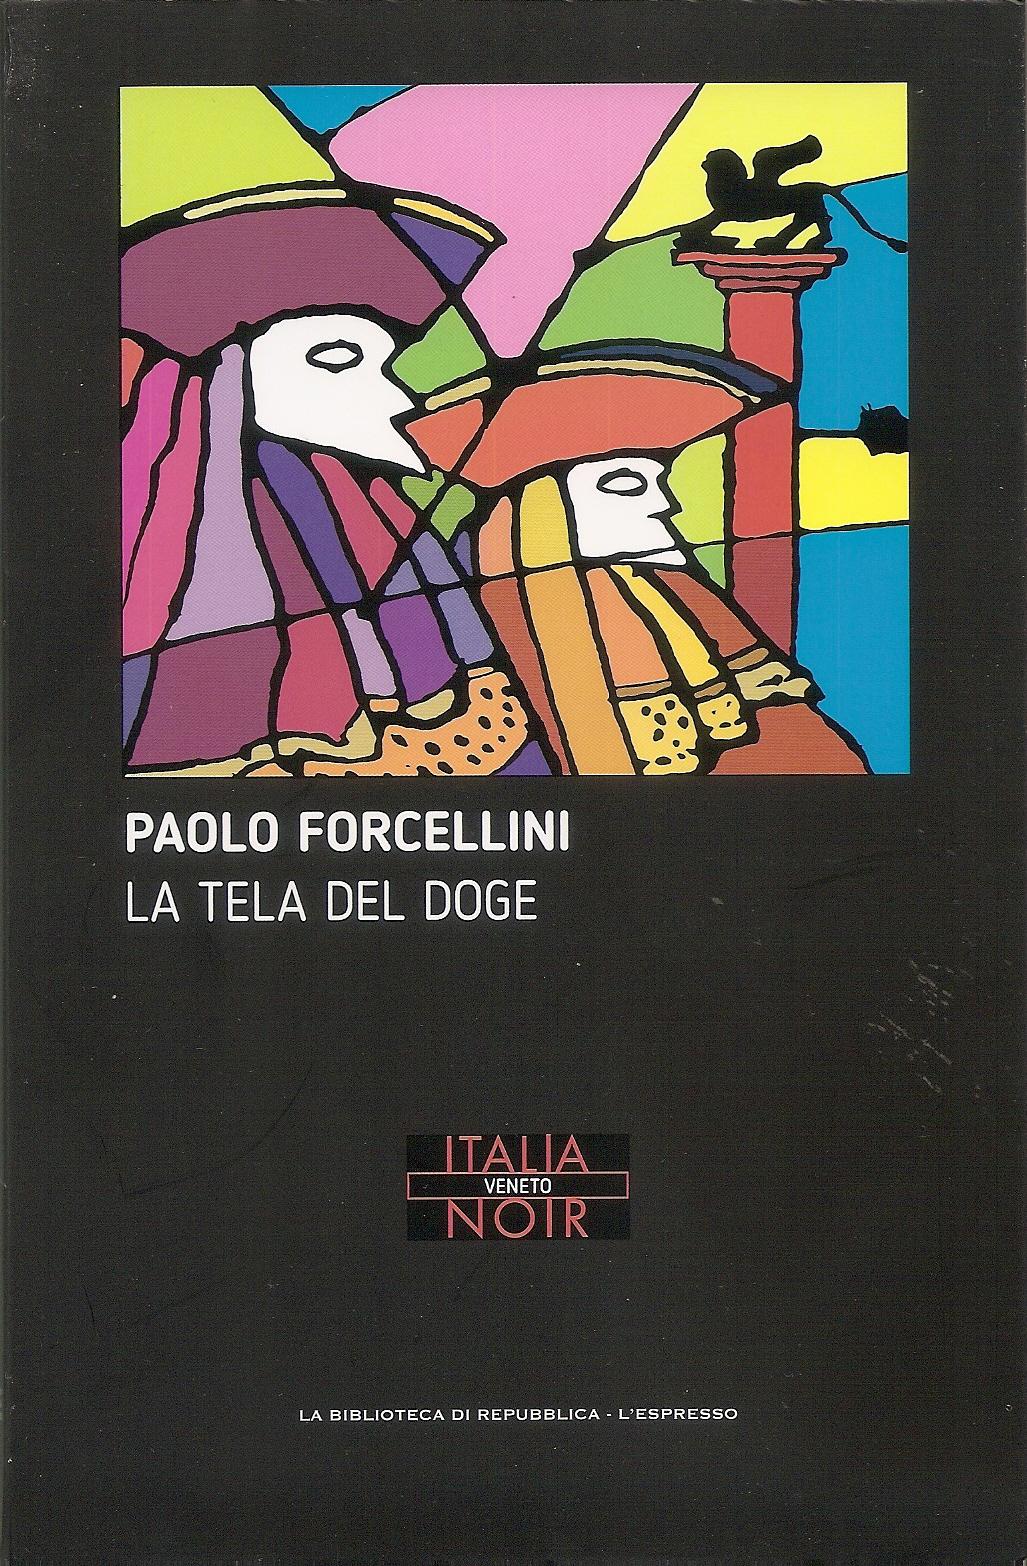 Risultati immagini per PAOLO FORCELLINI - LA TELA DEL DOGE